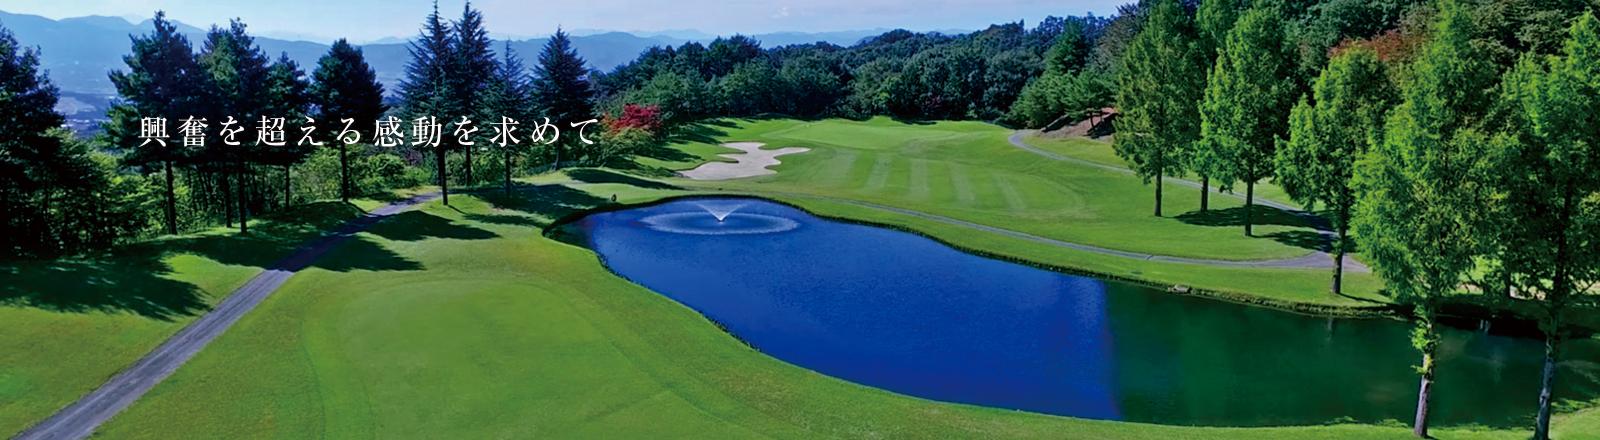 ゴルフコース|興奮を超える感動求めて